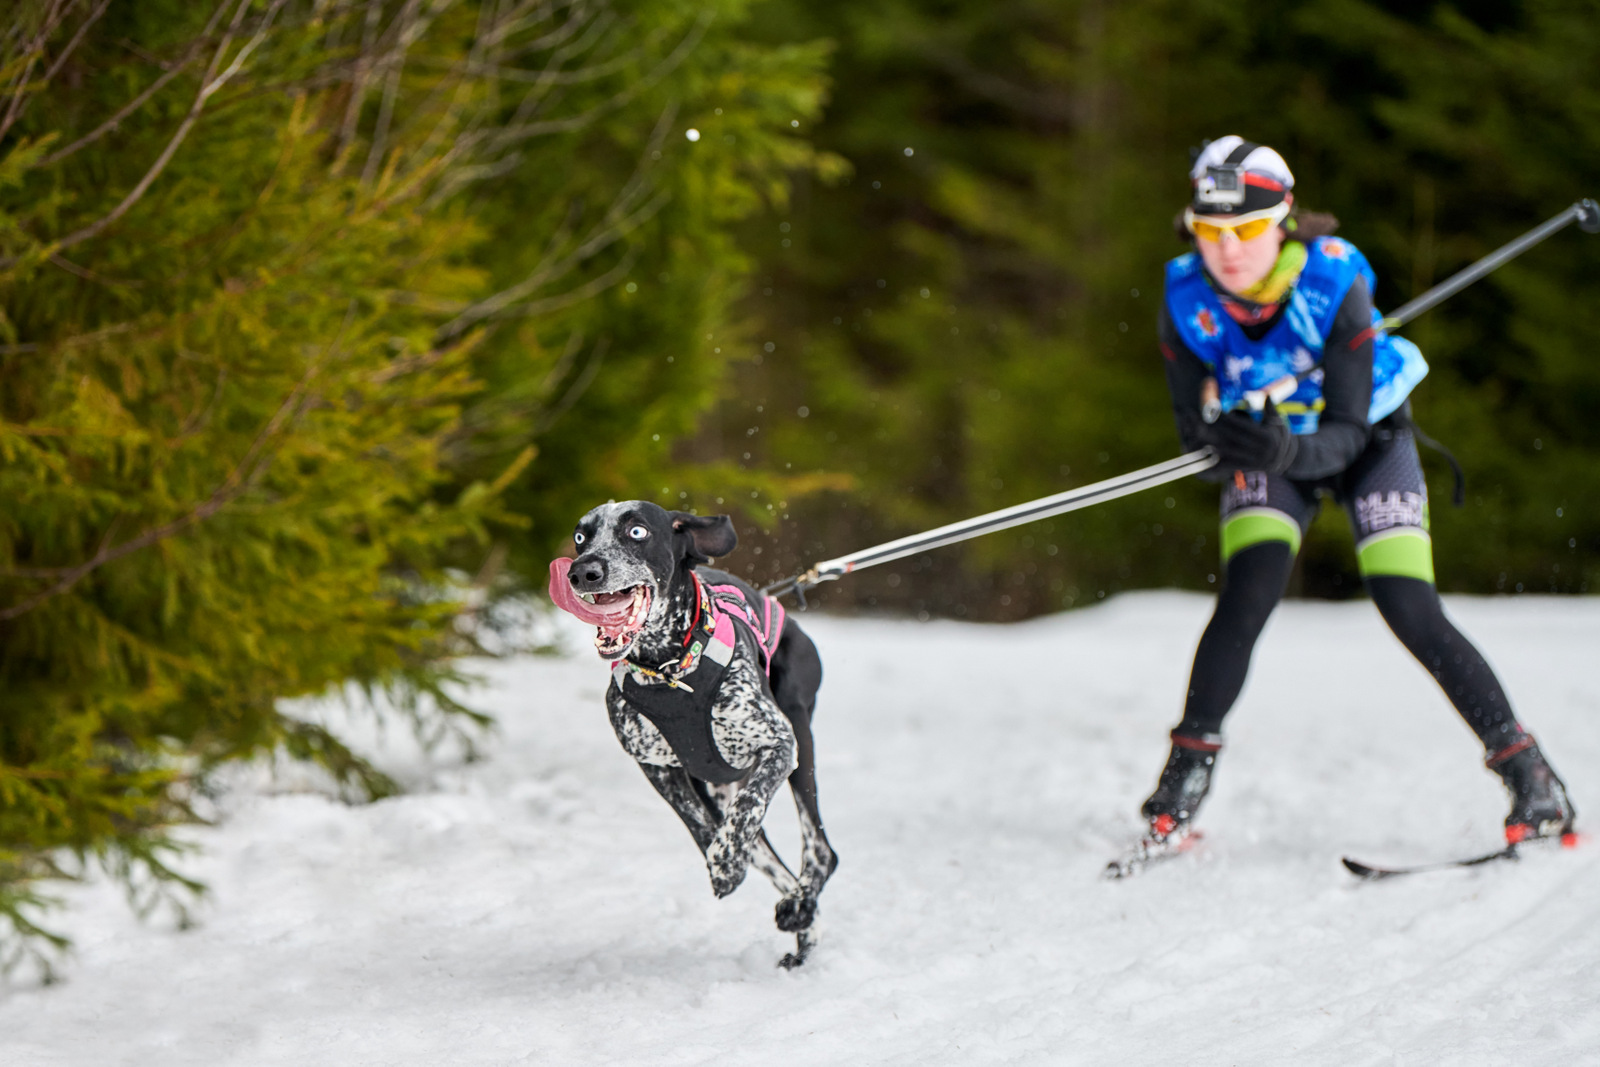 Na běžky můžete vyvést i svého psa